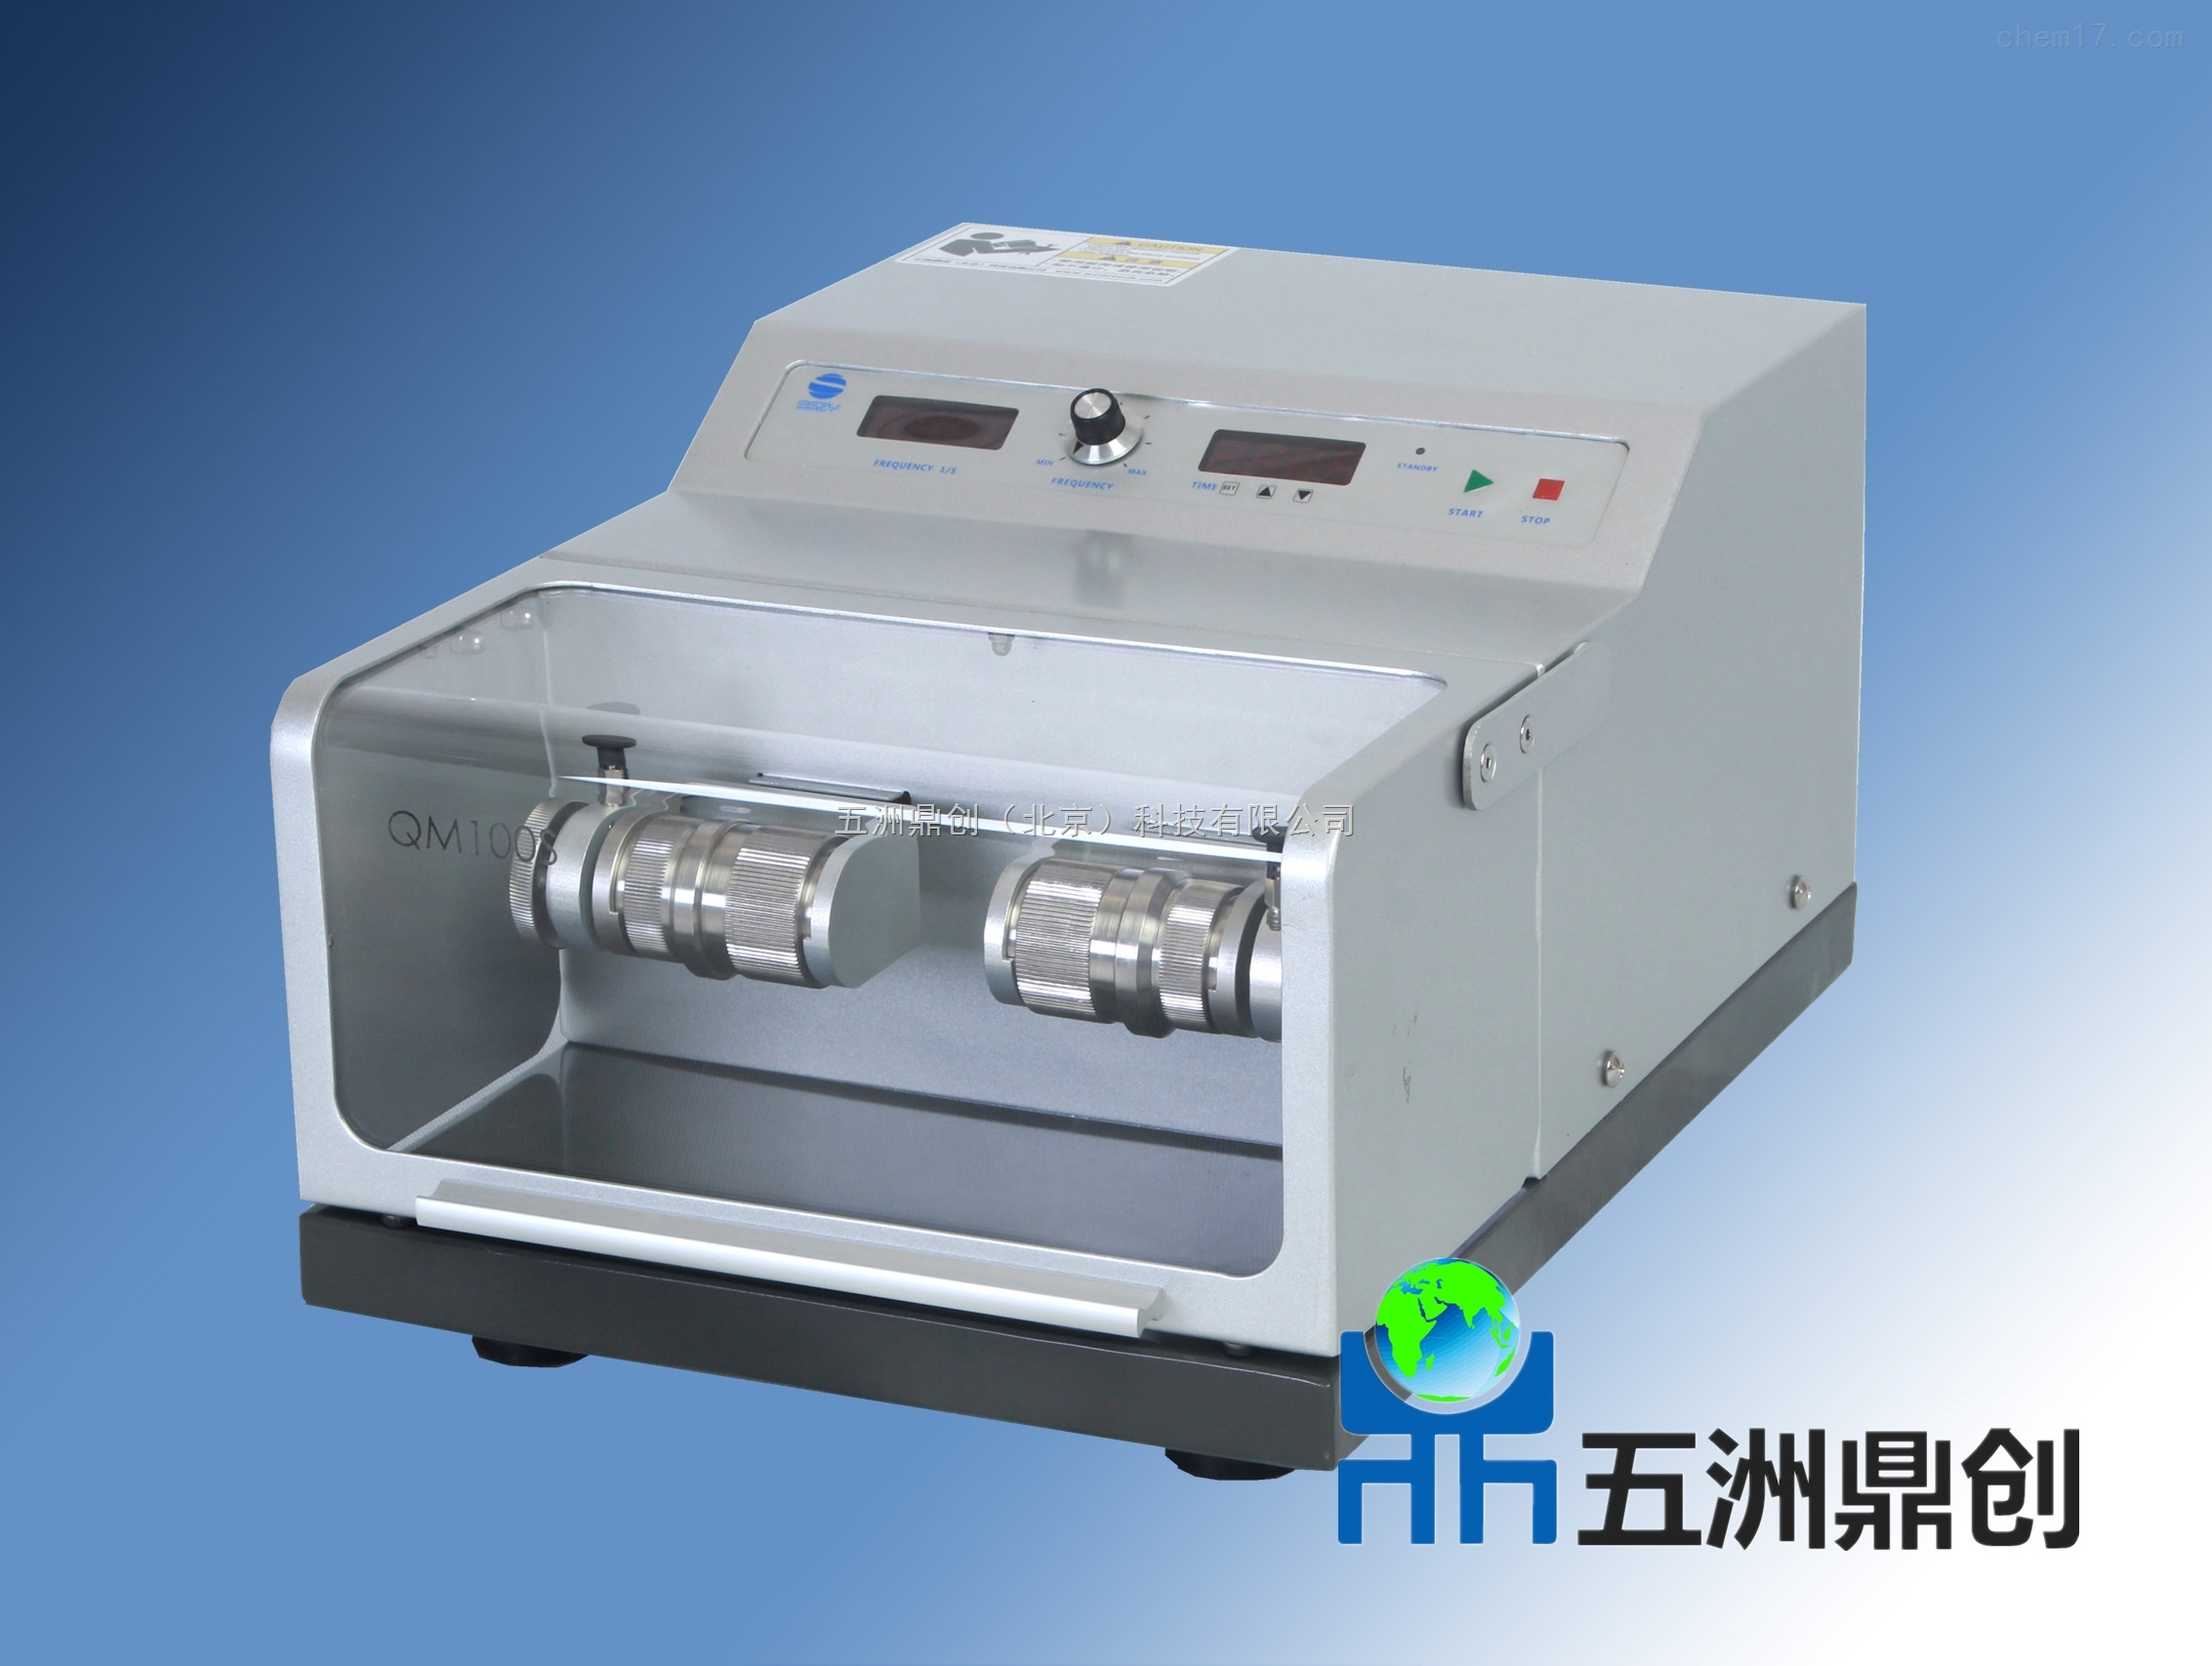 QM100S多功能混合研磨仪可靠球磨仪北京厂家直供